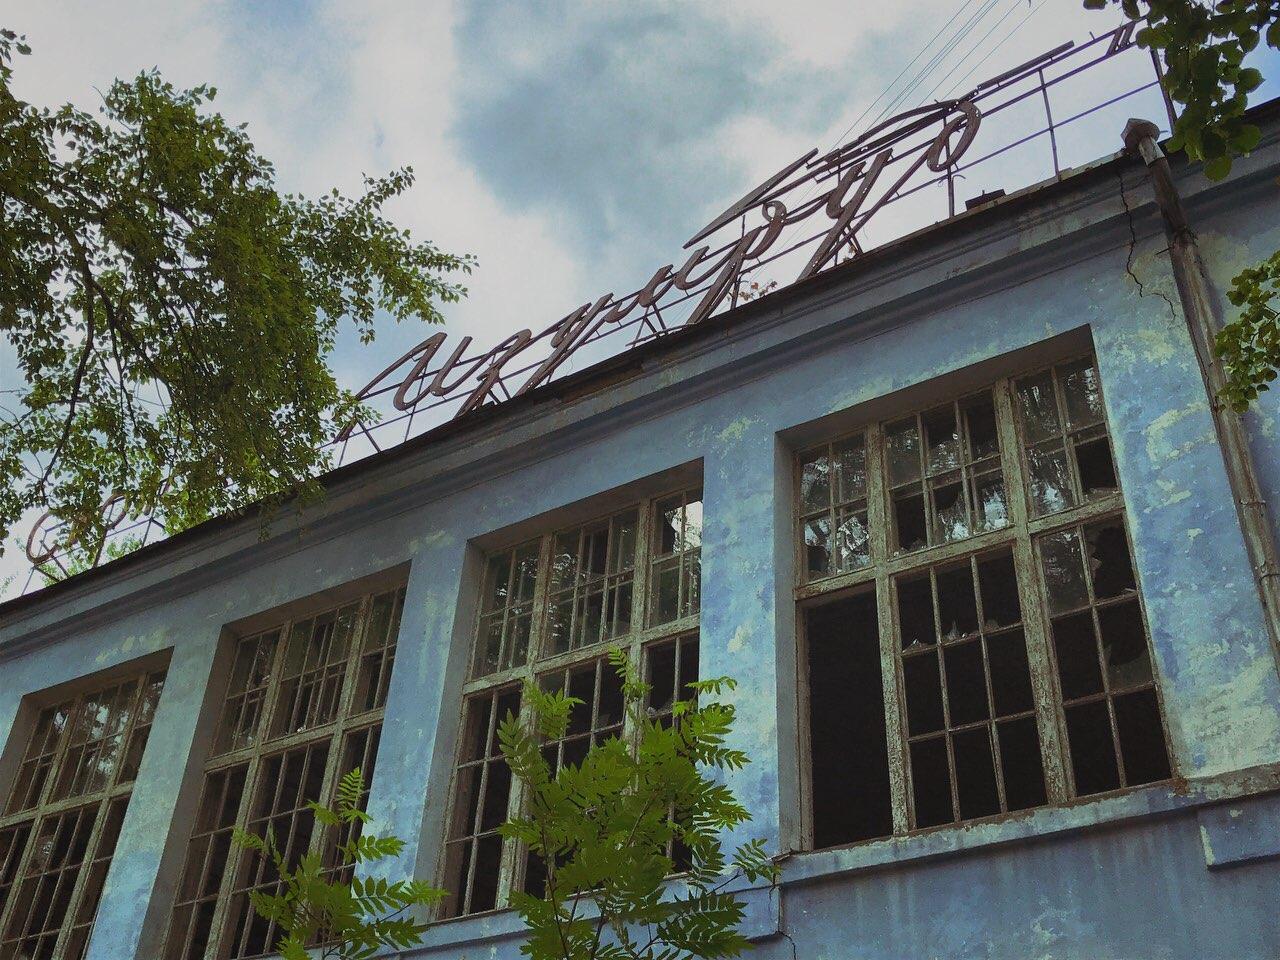 Асбест, достопримечательности Асбест, куда поехать из Екатеринбурга, куда поехать в выходные,